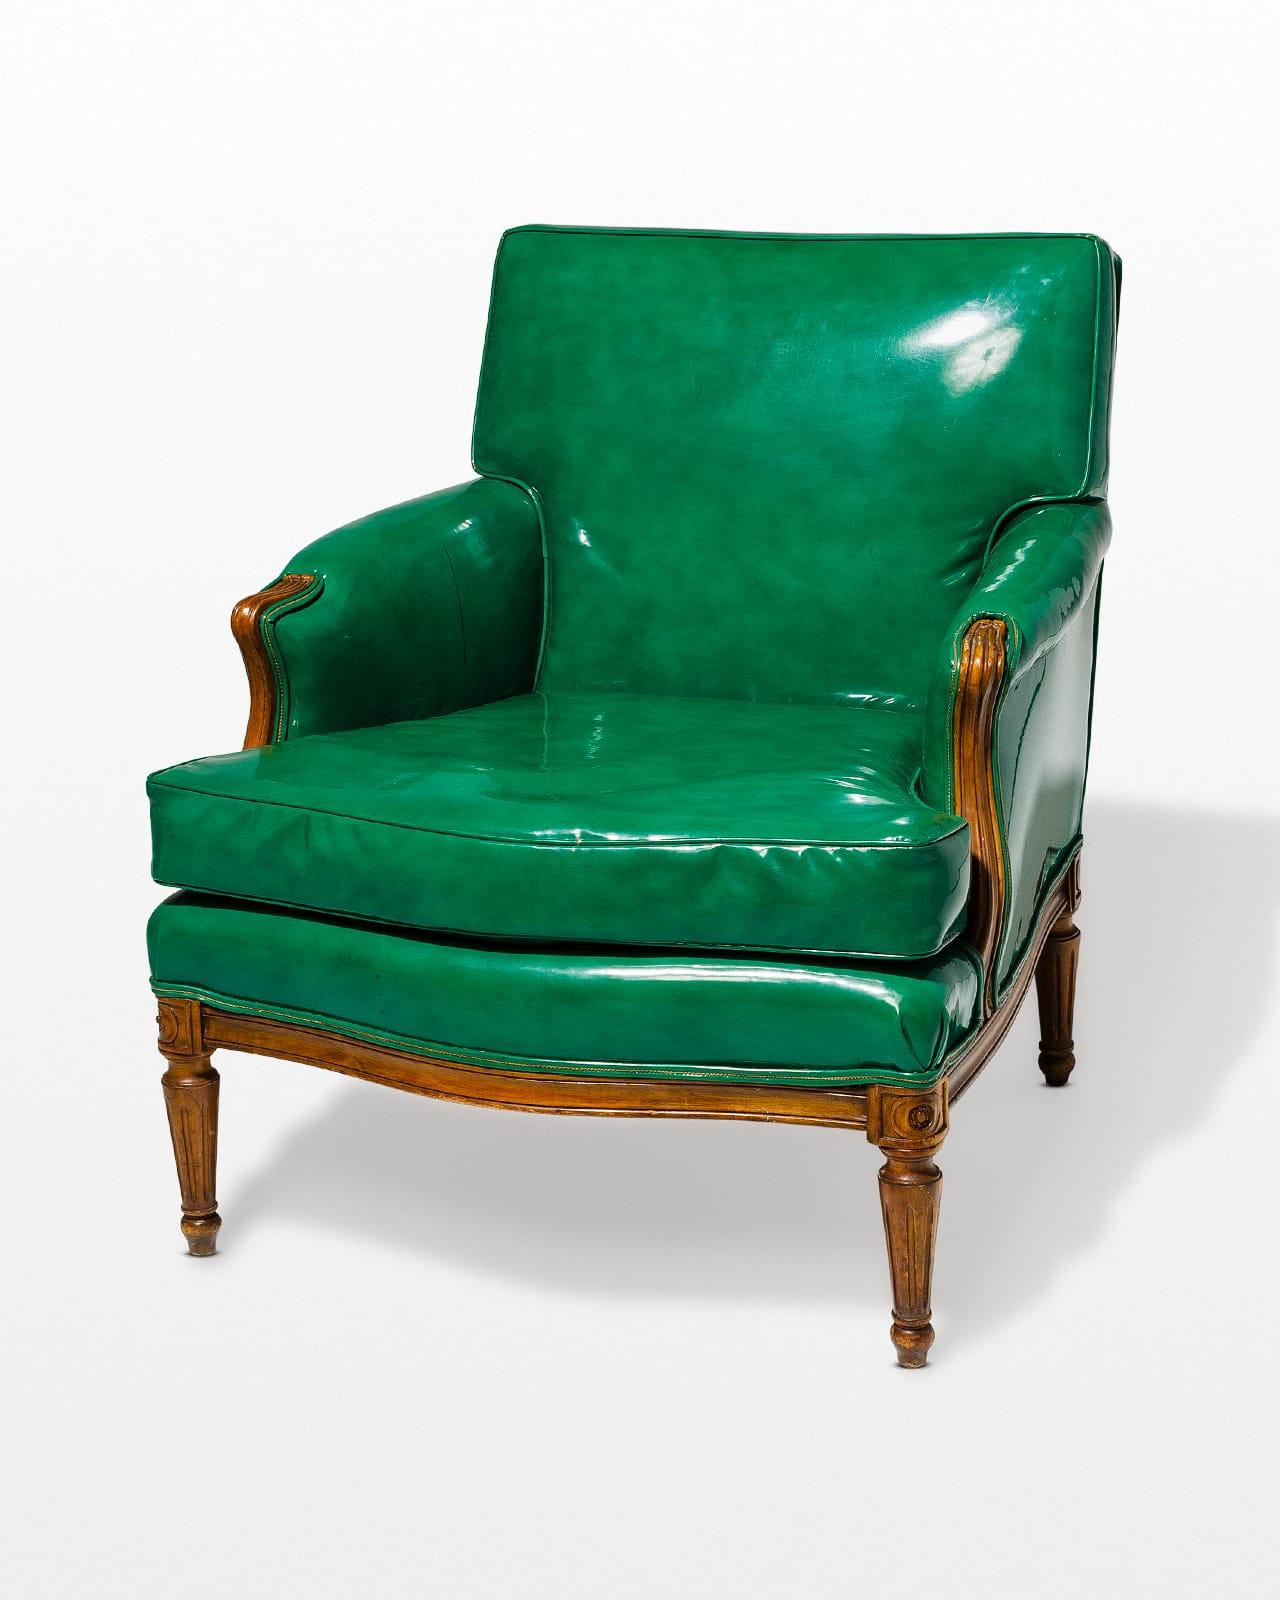 ch435 kelly chair prop rental acme brooklyn rh acmebrooklyn com kelly charlton facebook kelly chiropractic swindon